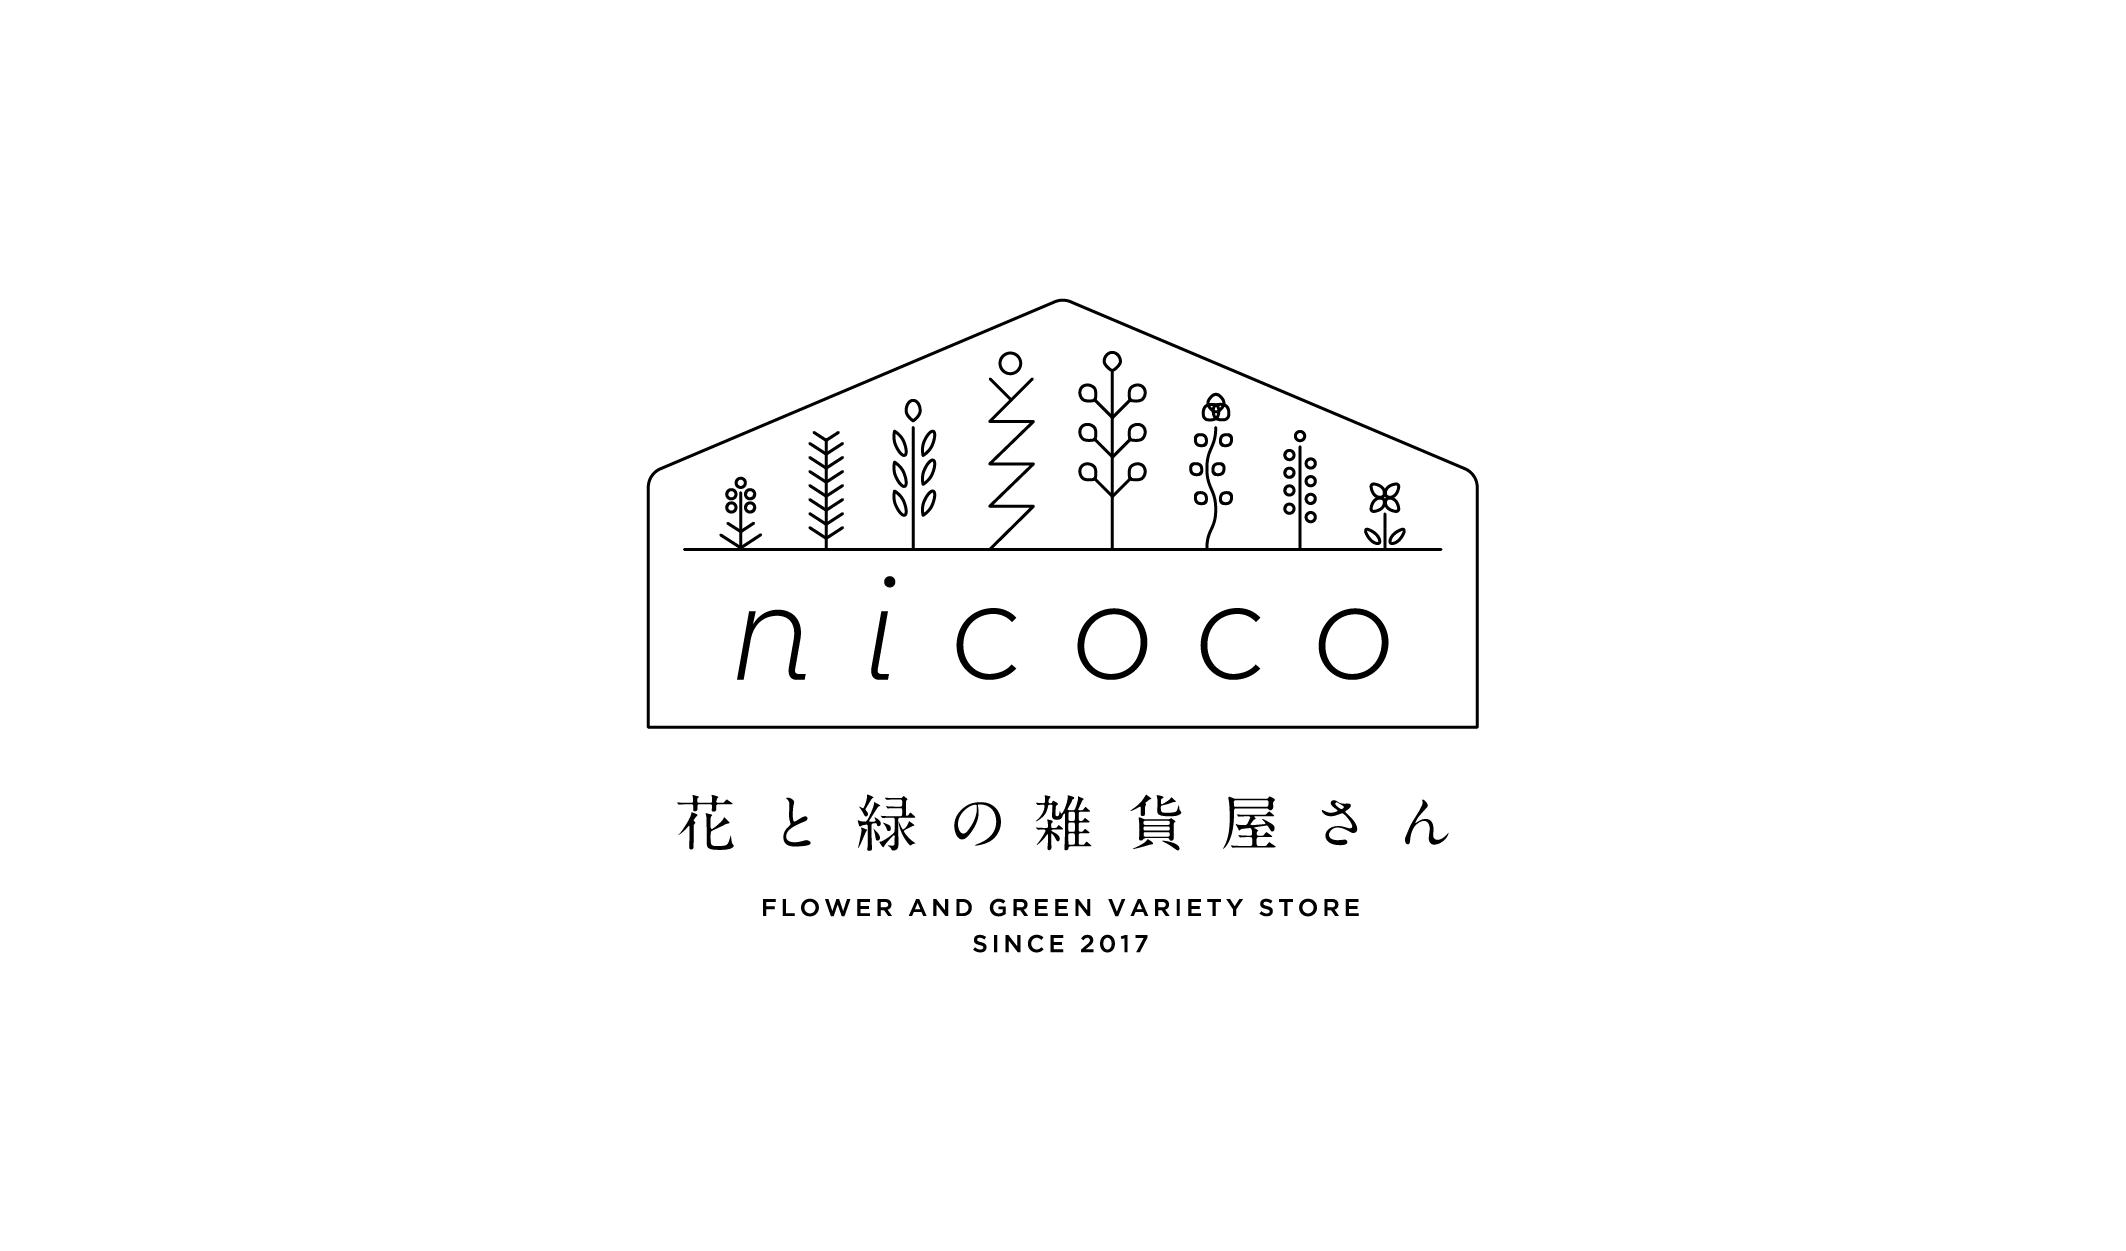 nicoco